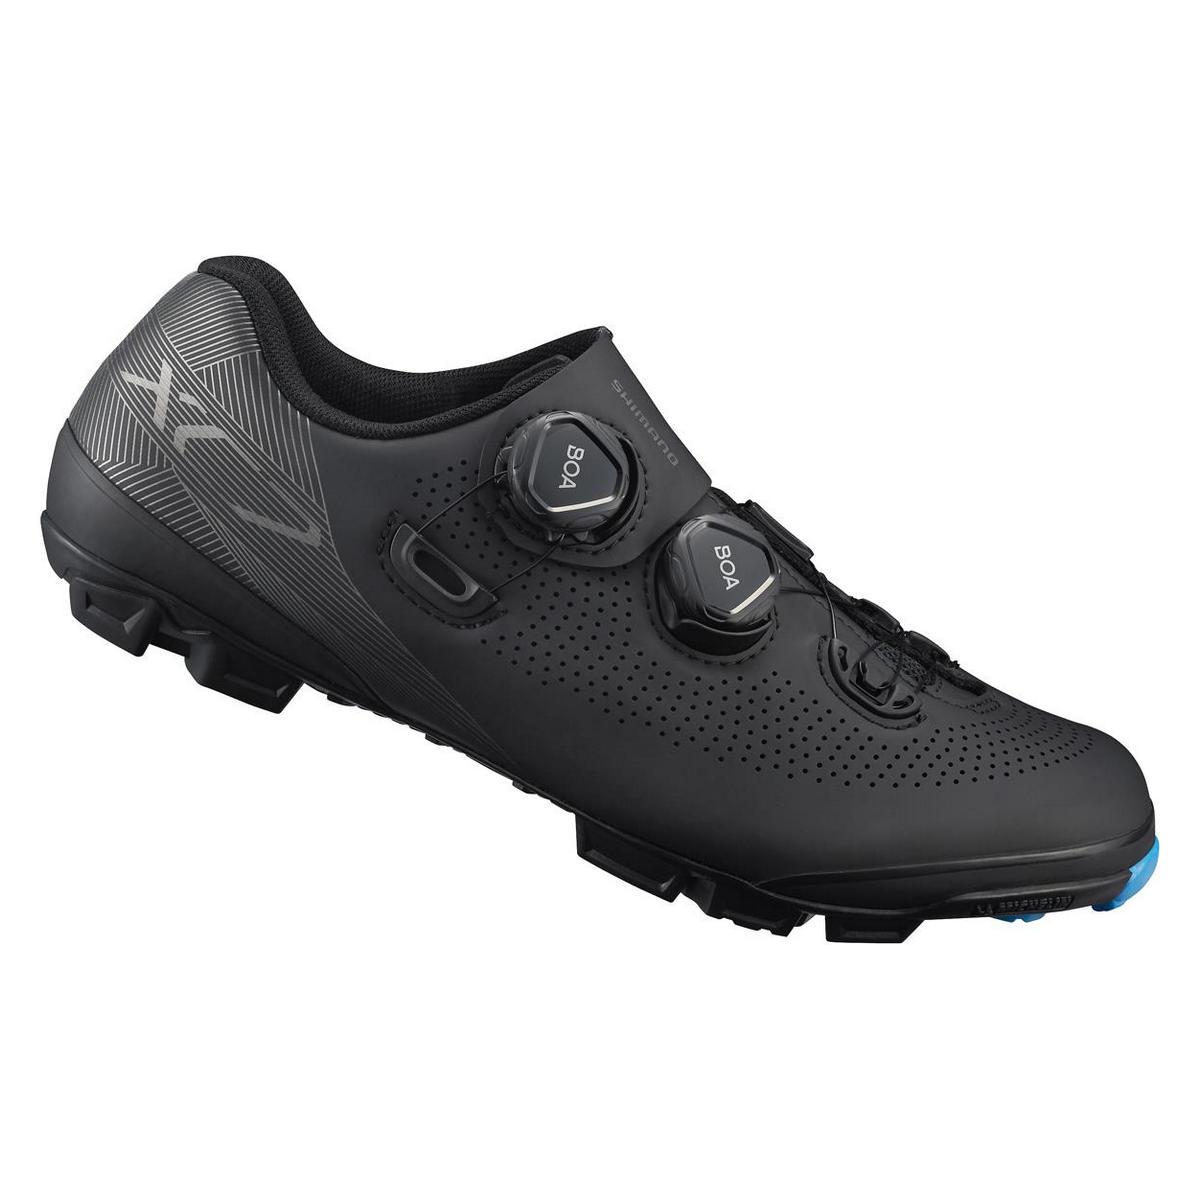 MTB Shoes XC7 SH-XC701SL1 Black Size 38